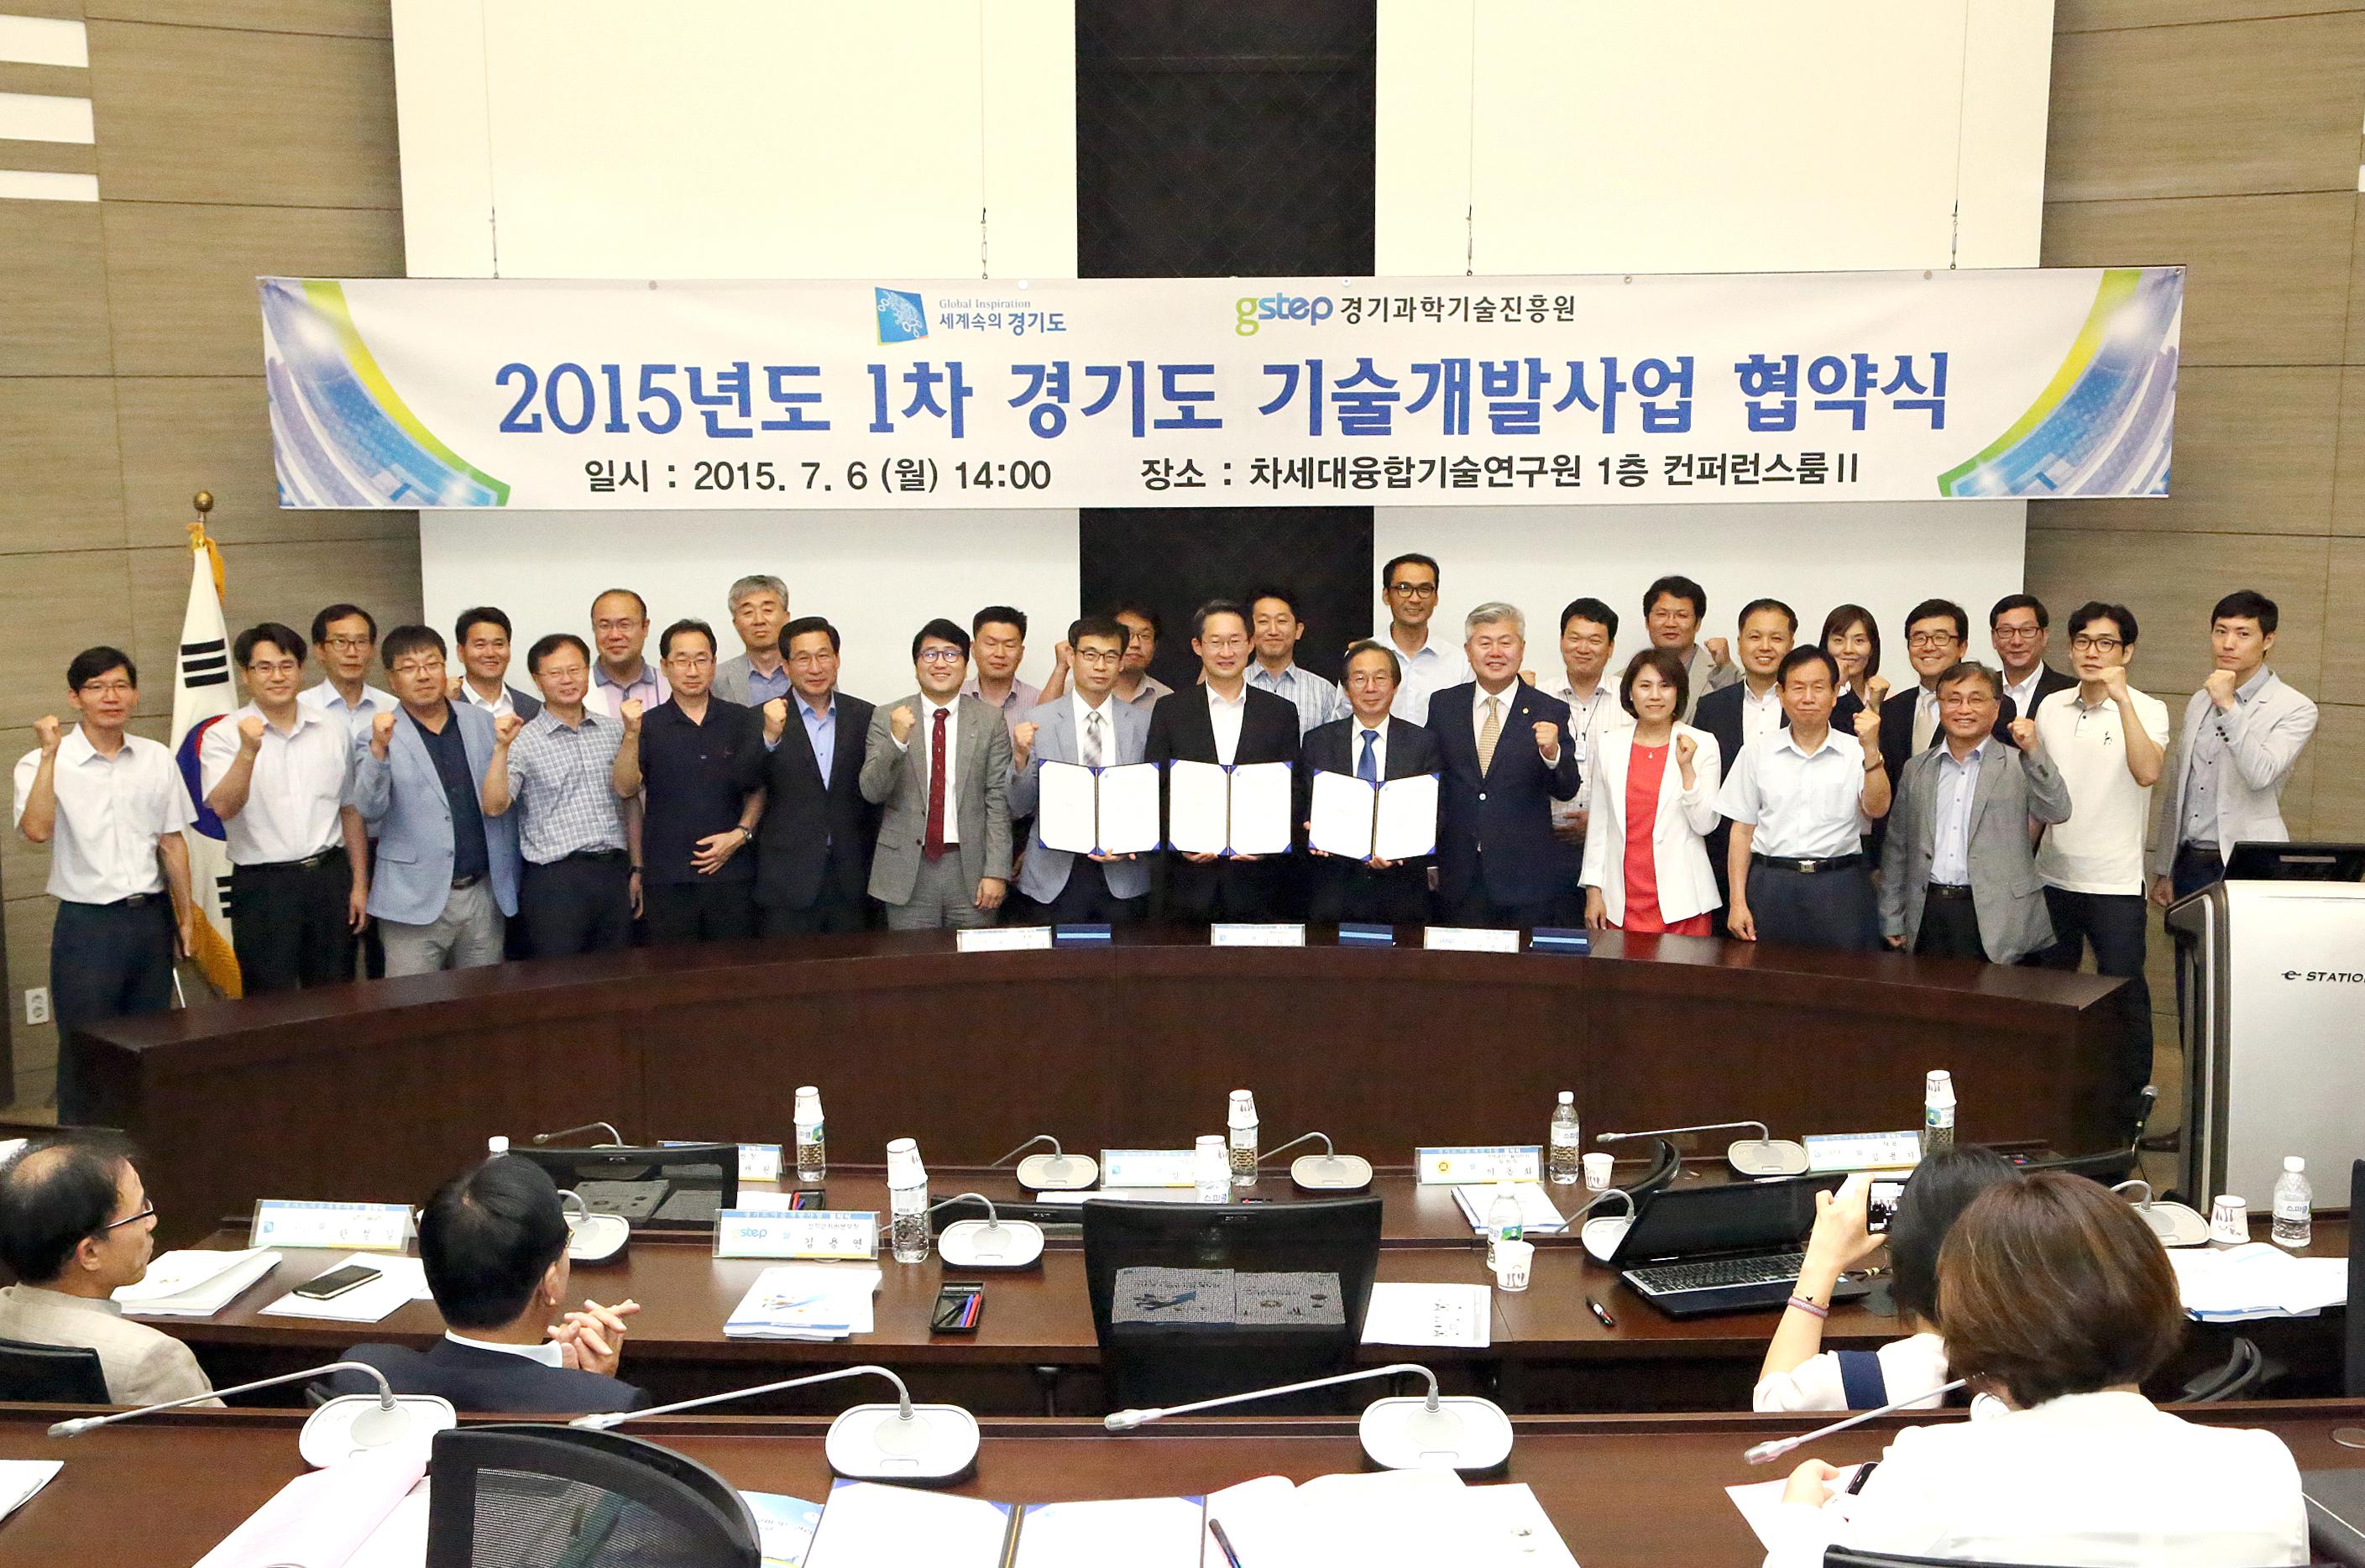 20150706_경기도 기술개발사업 협약 (10).JPG